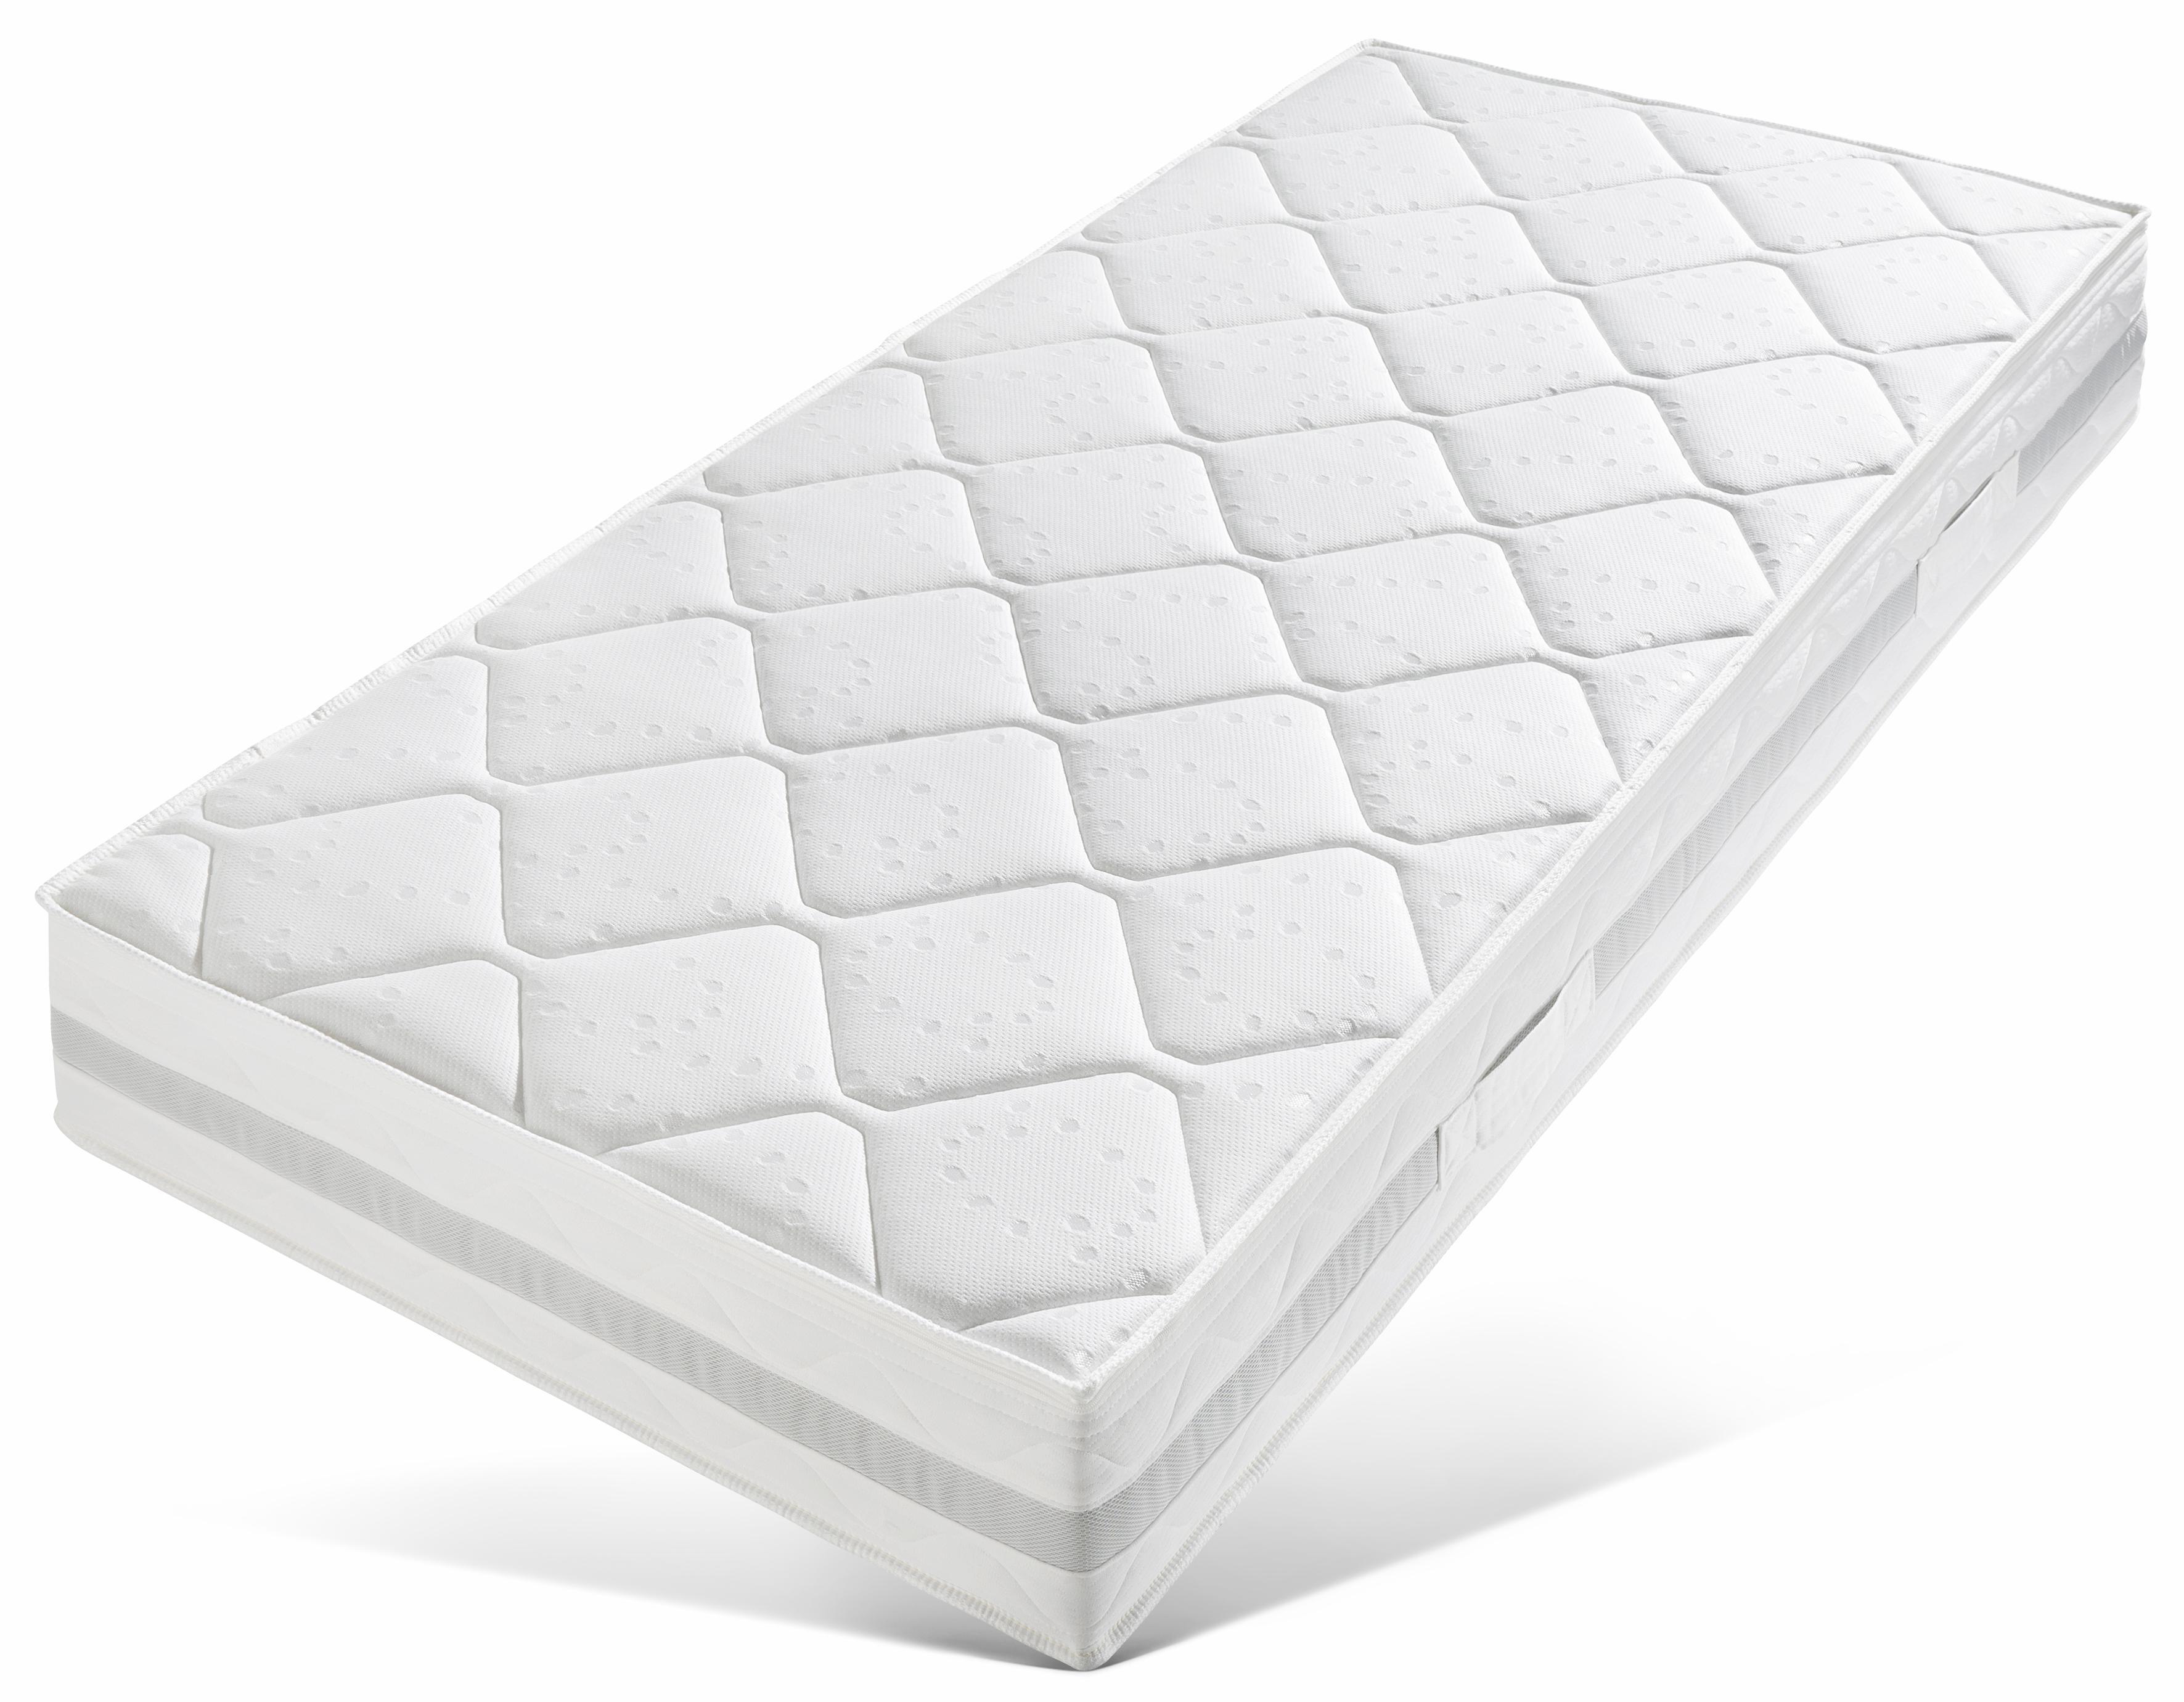 Taschenfederkernmatratze Gelschaum-Komfort-TFK Breckle 23 cm hoch